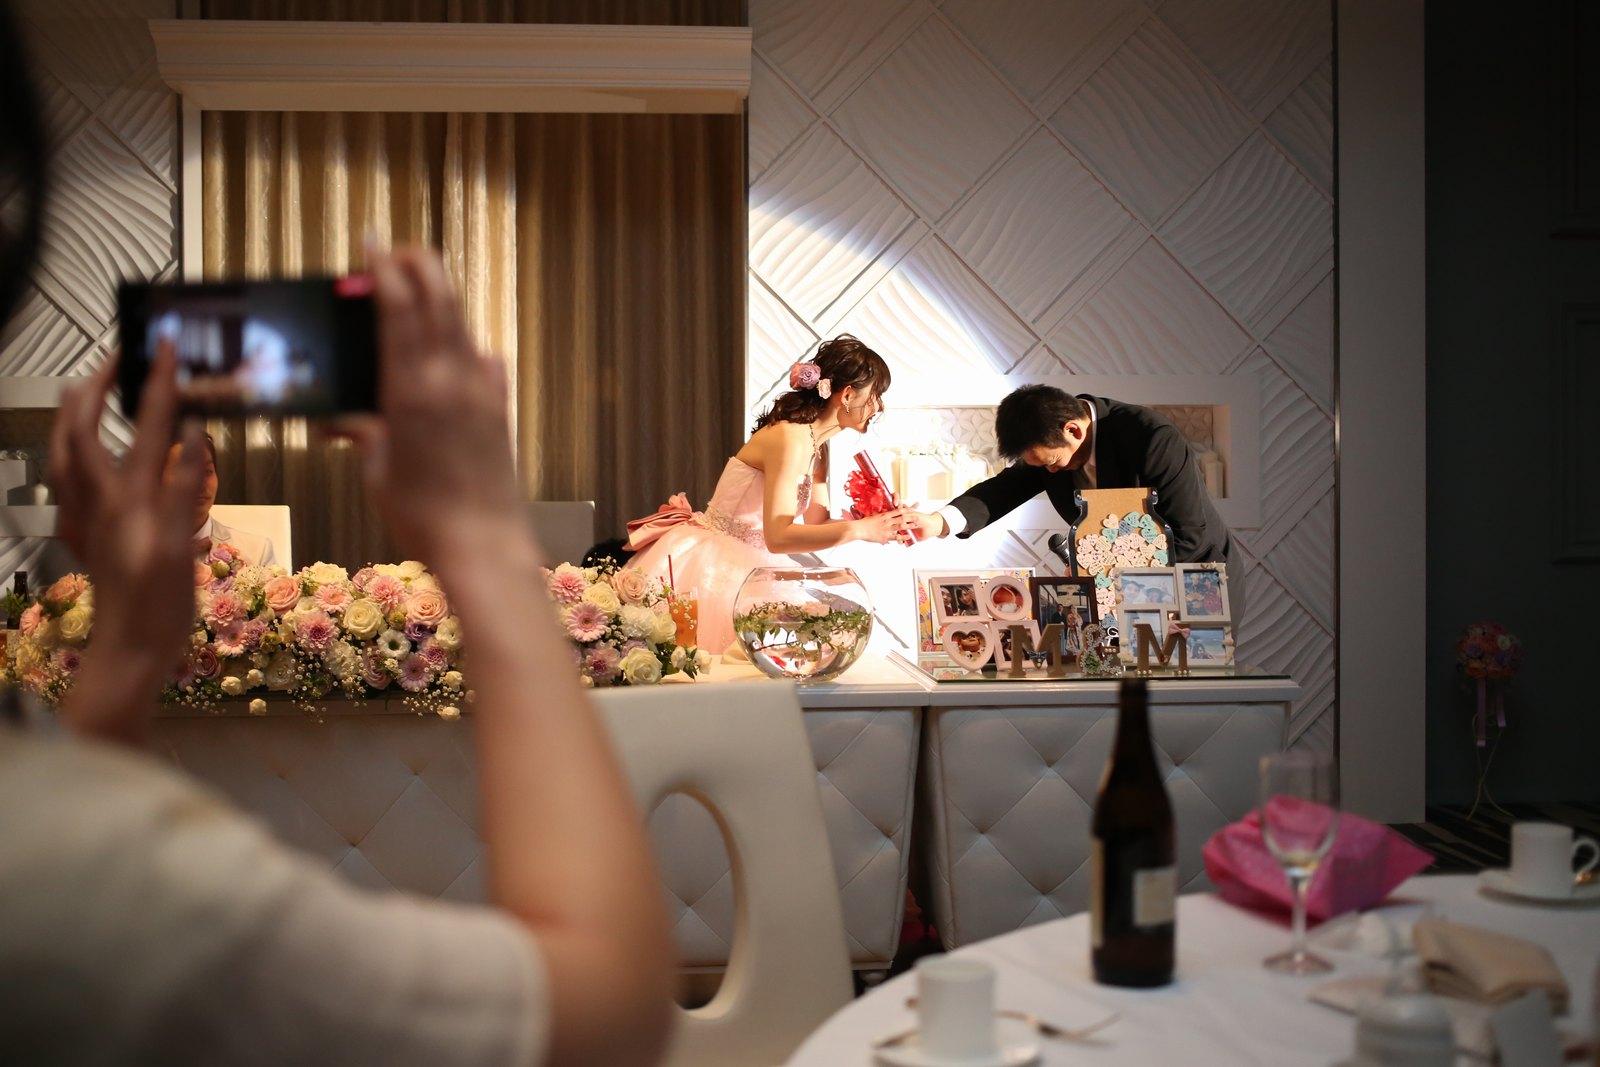 徳島市の結婚式場ブランアンジュでゲストと新婦の感動的なワンシーン